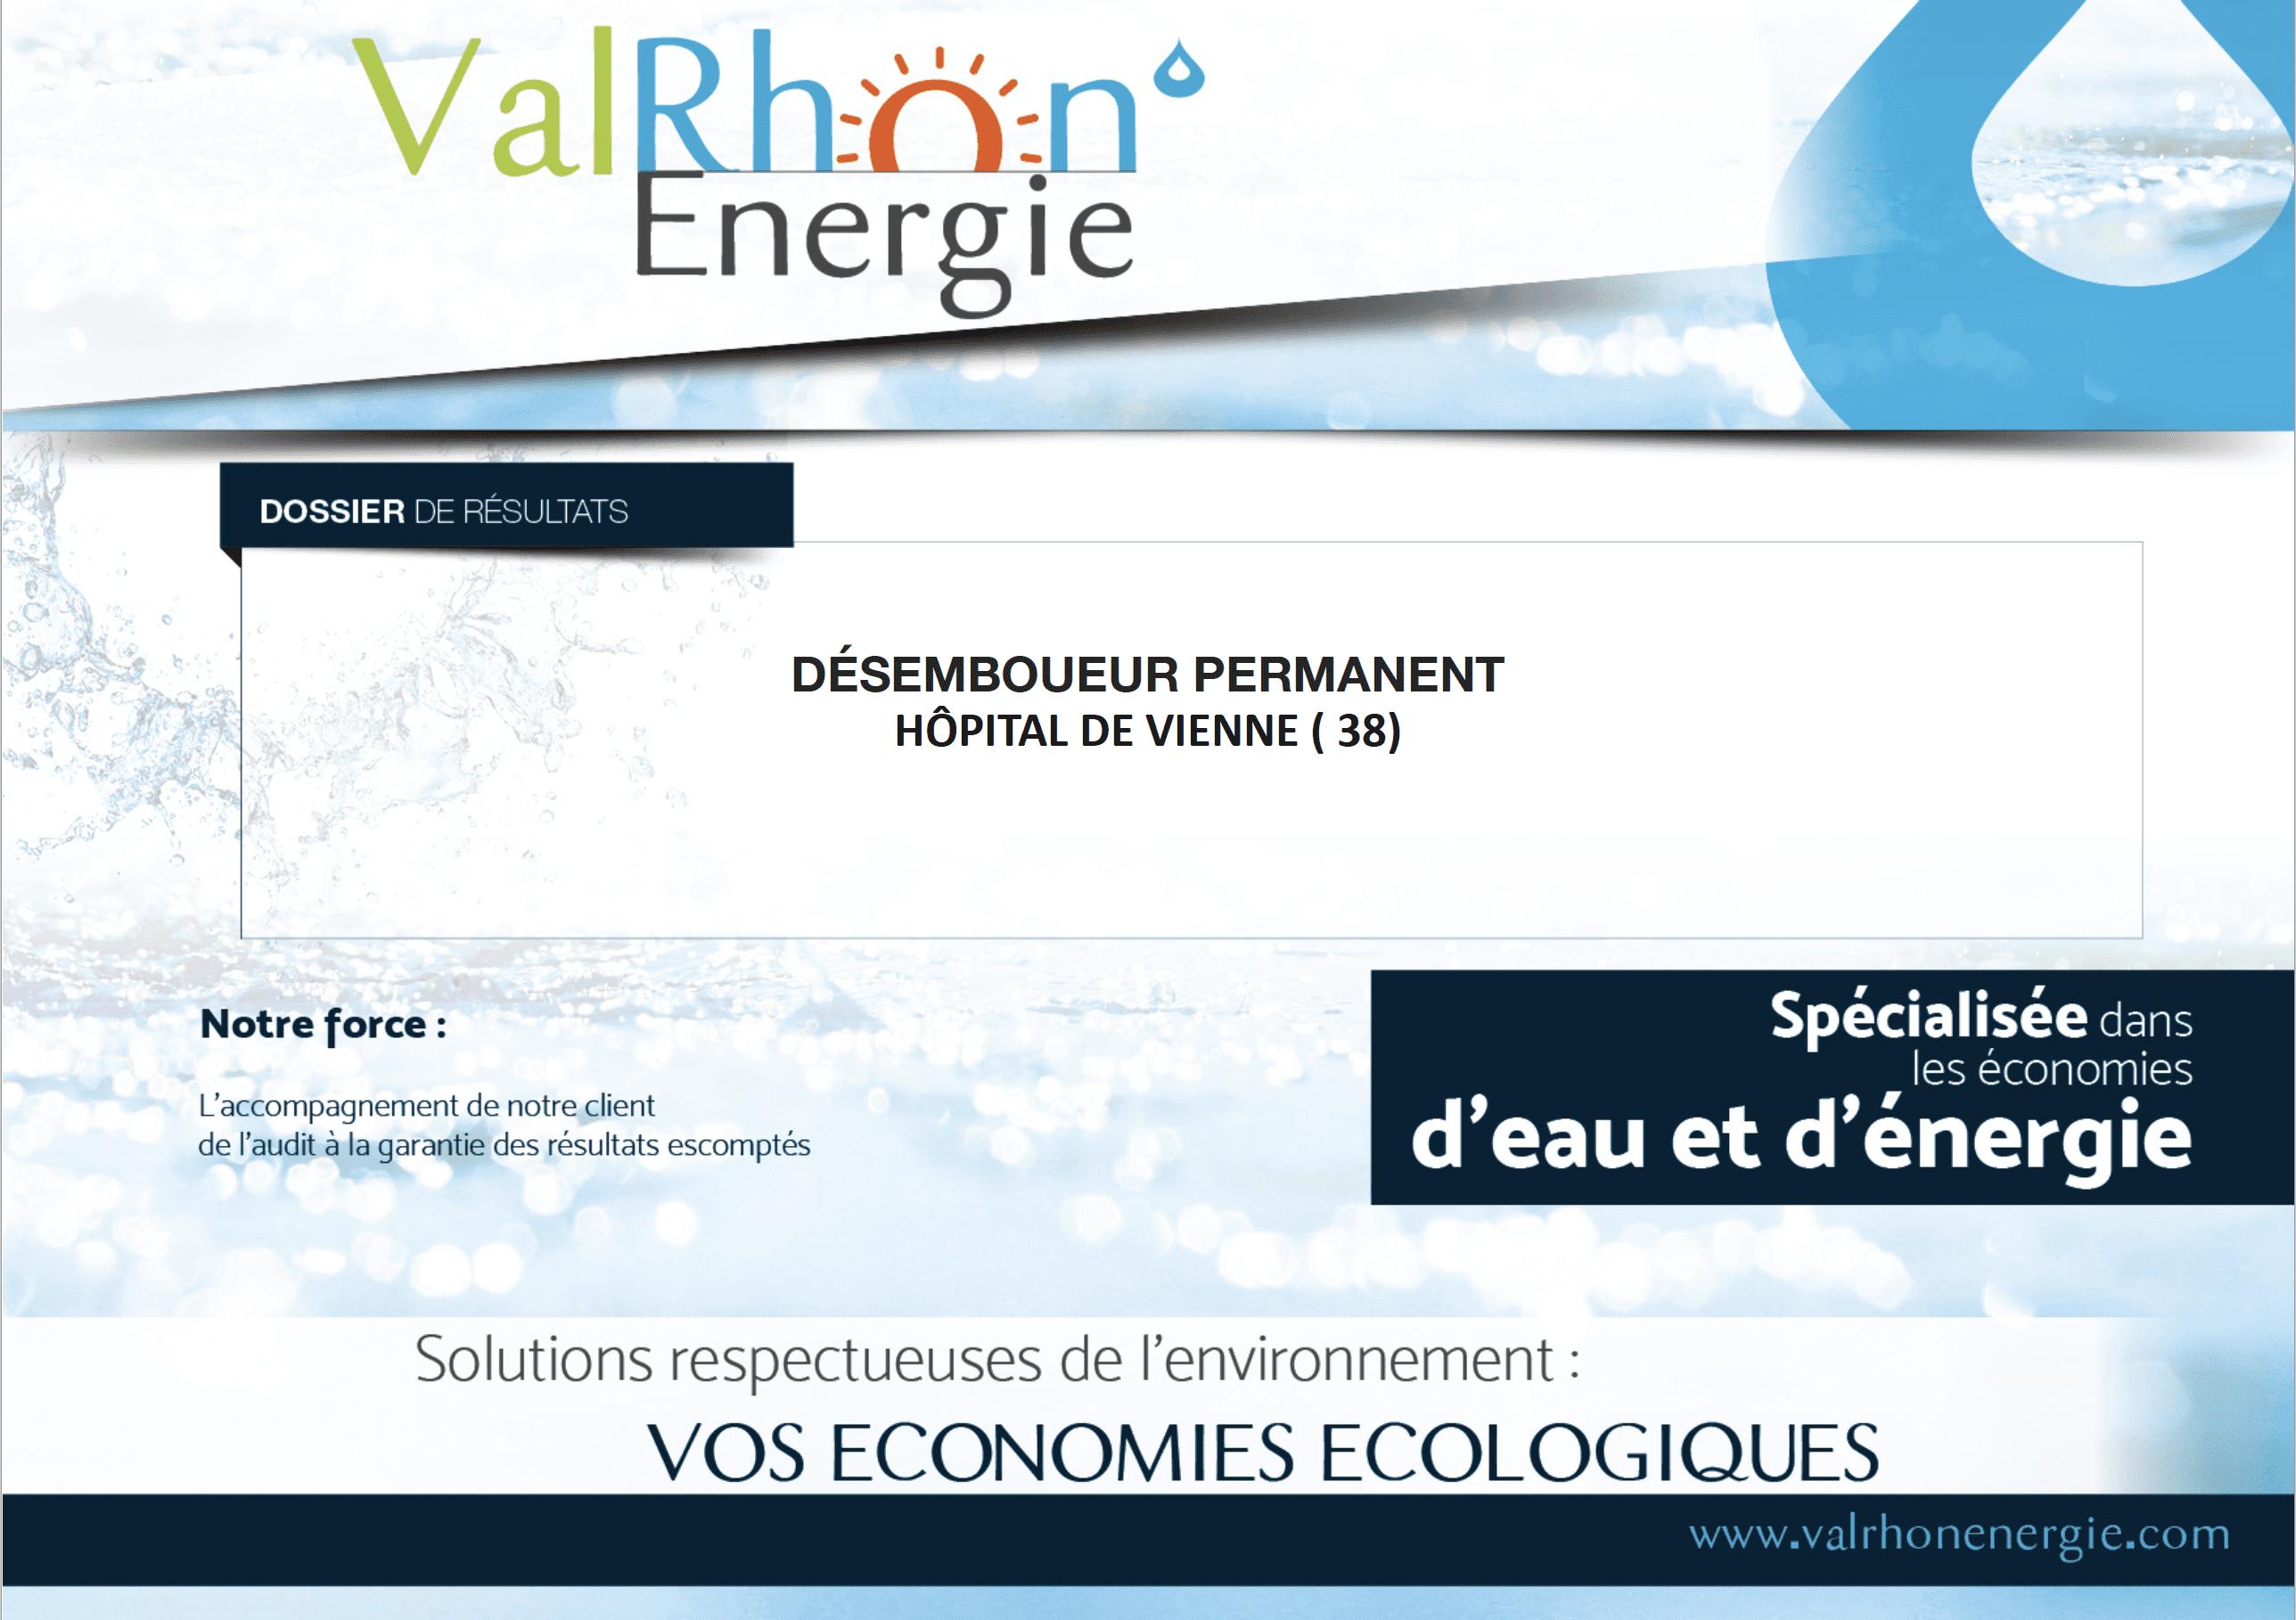 Resultat-Desemboueur-Permanent_ValRhonEnergie